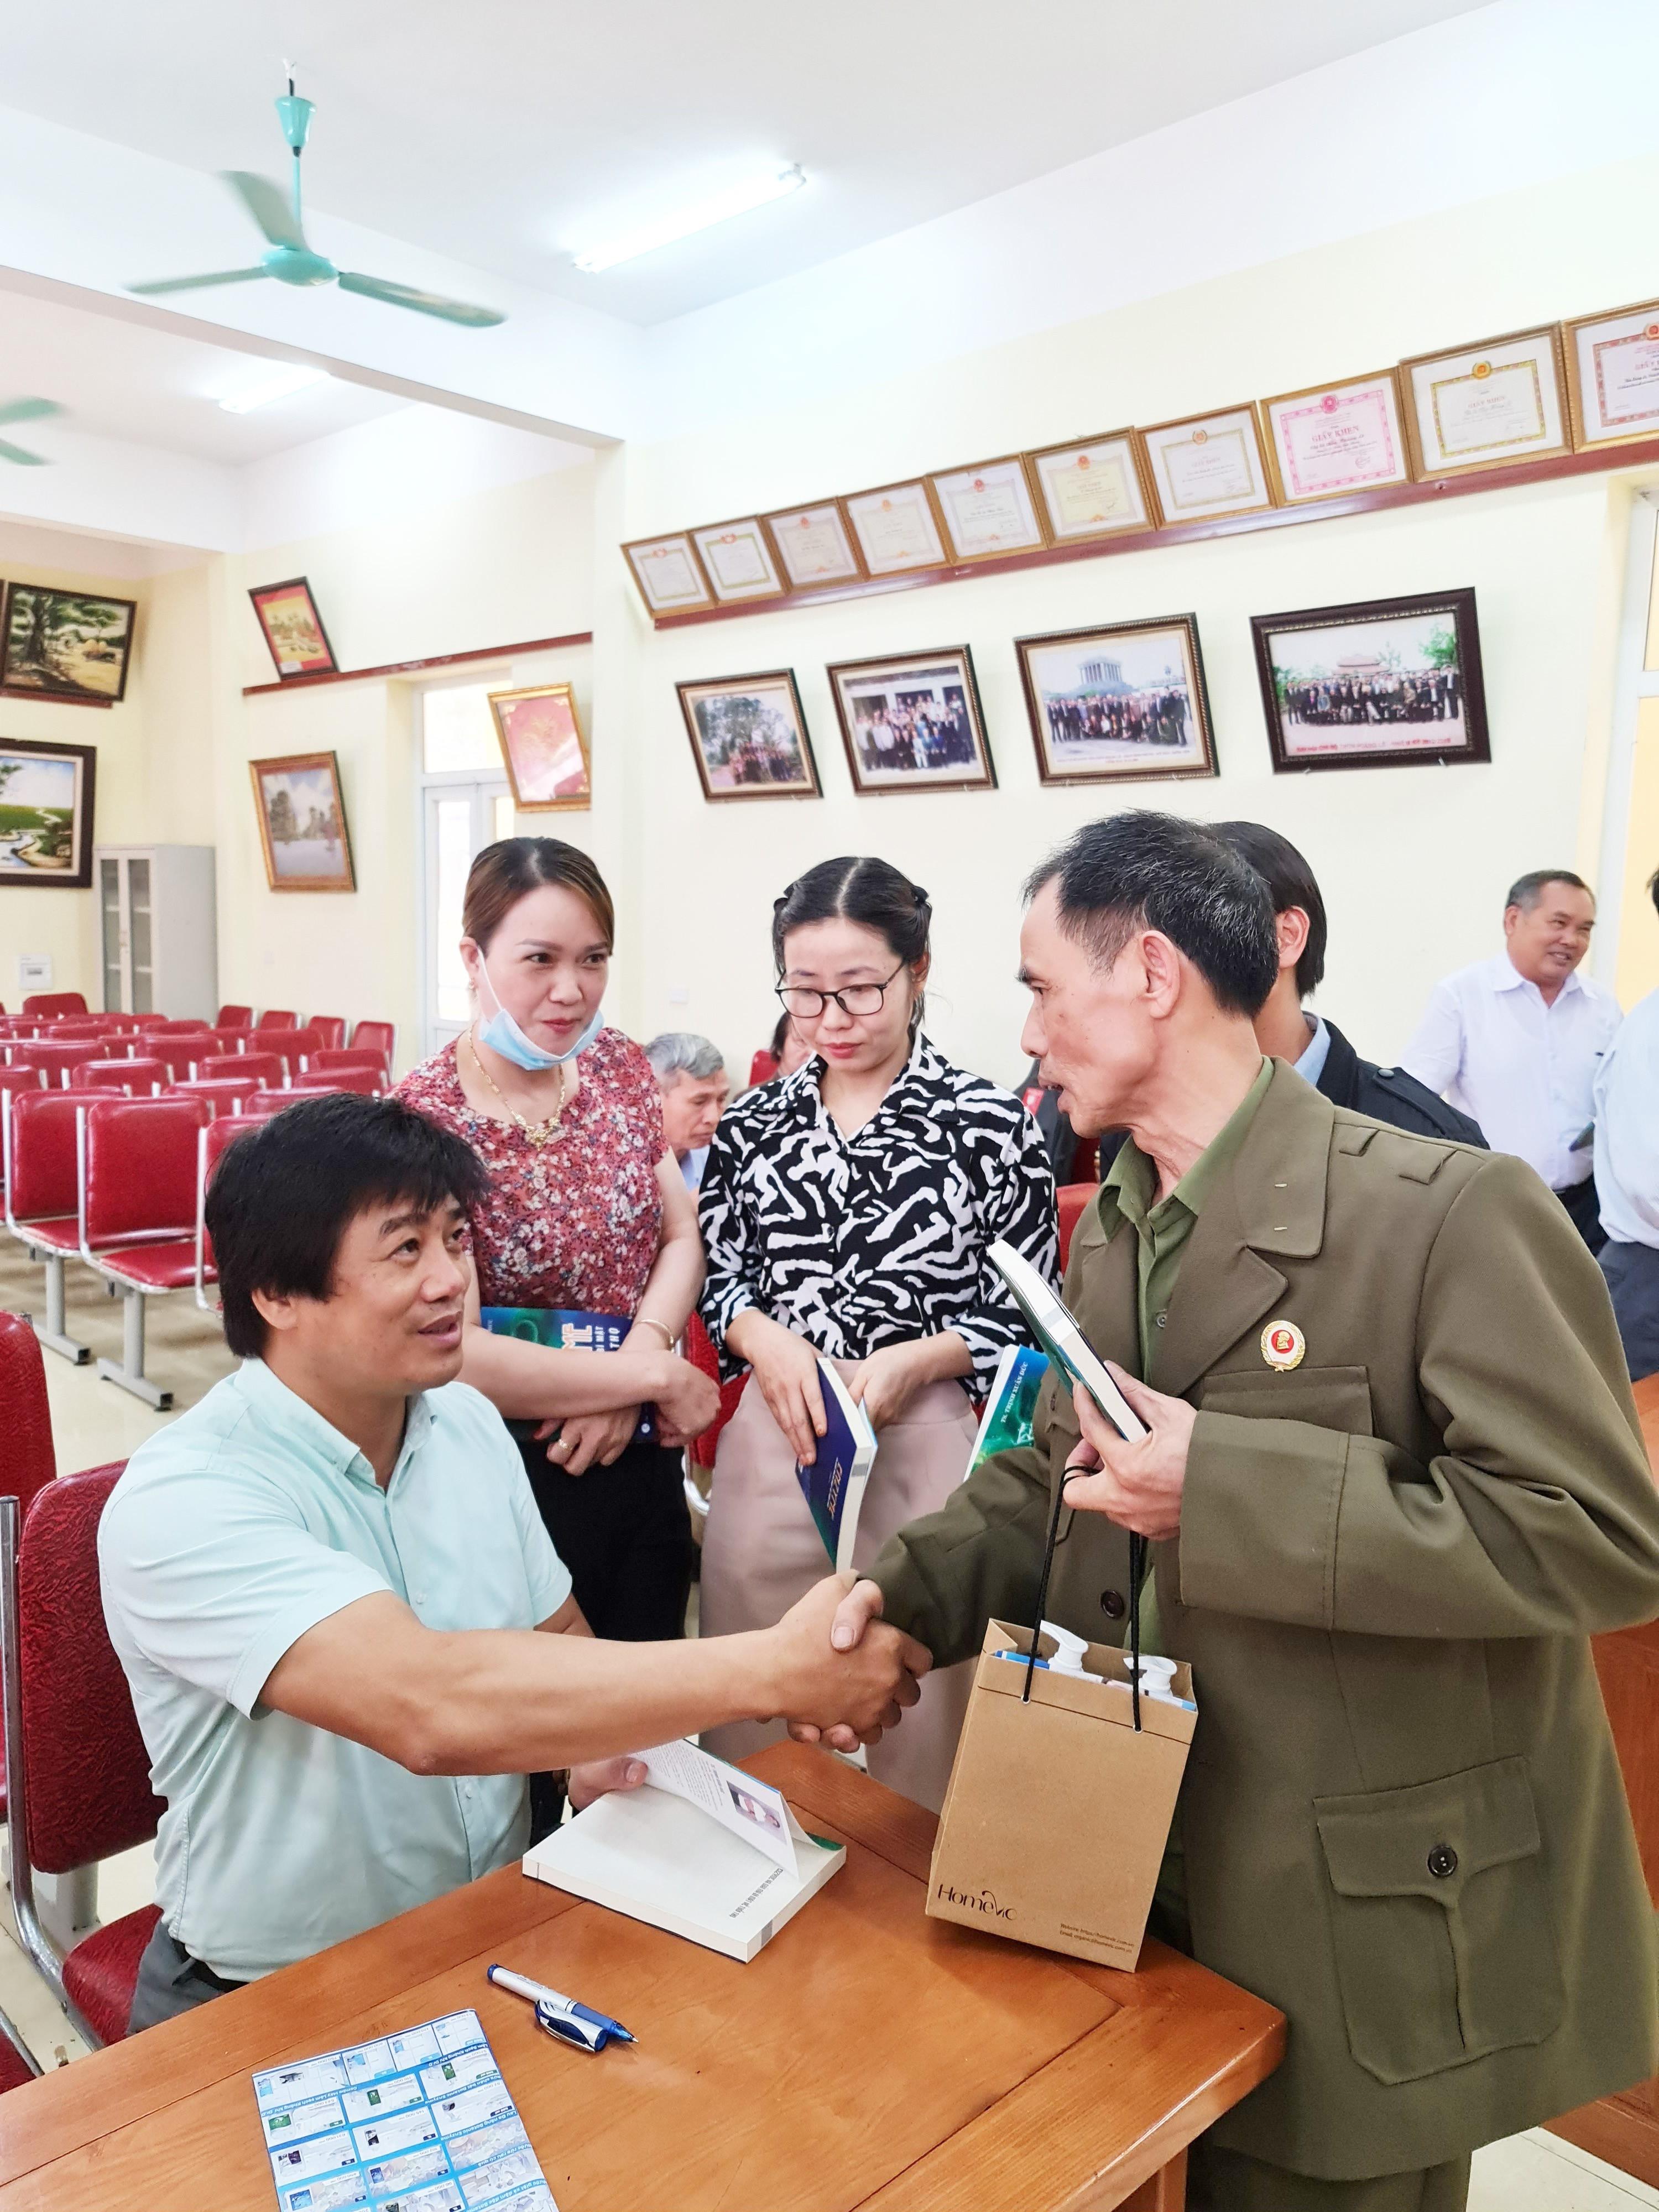 tac-gia-giao-luu-cung-ban-doc-thu-vien-hong-chau-hung-yen-trong-buoi-ra-mat-sach-1625924711.jpg